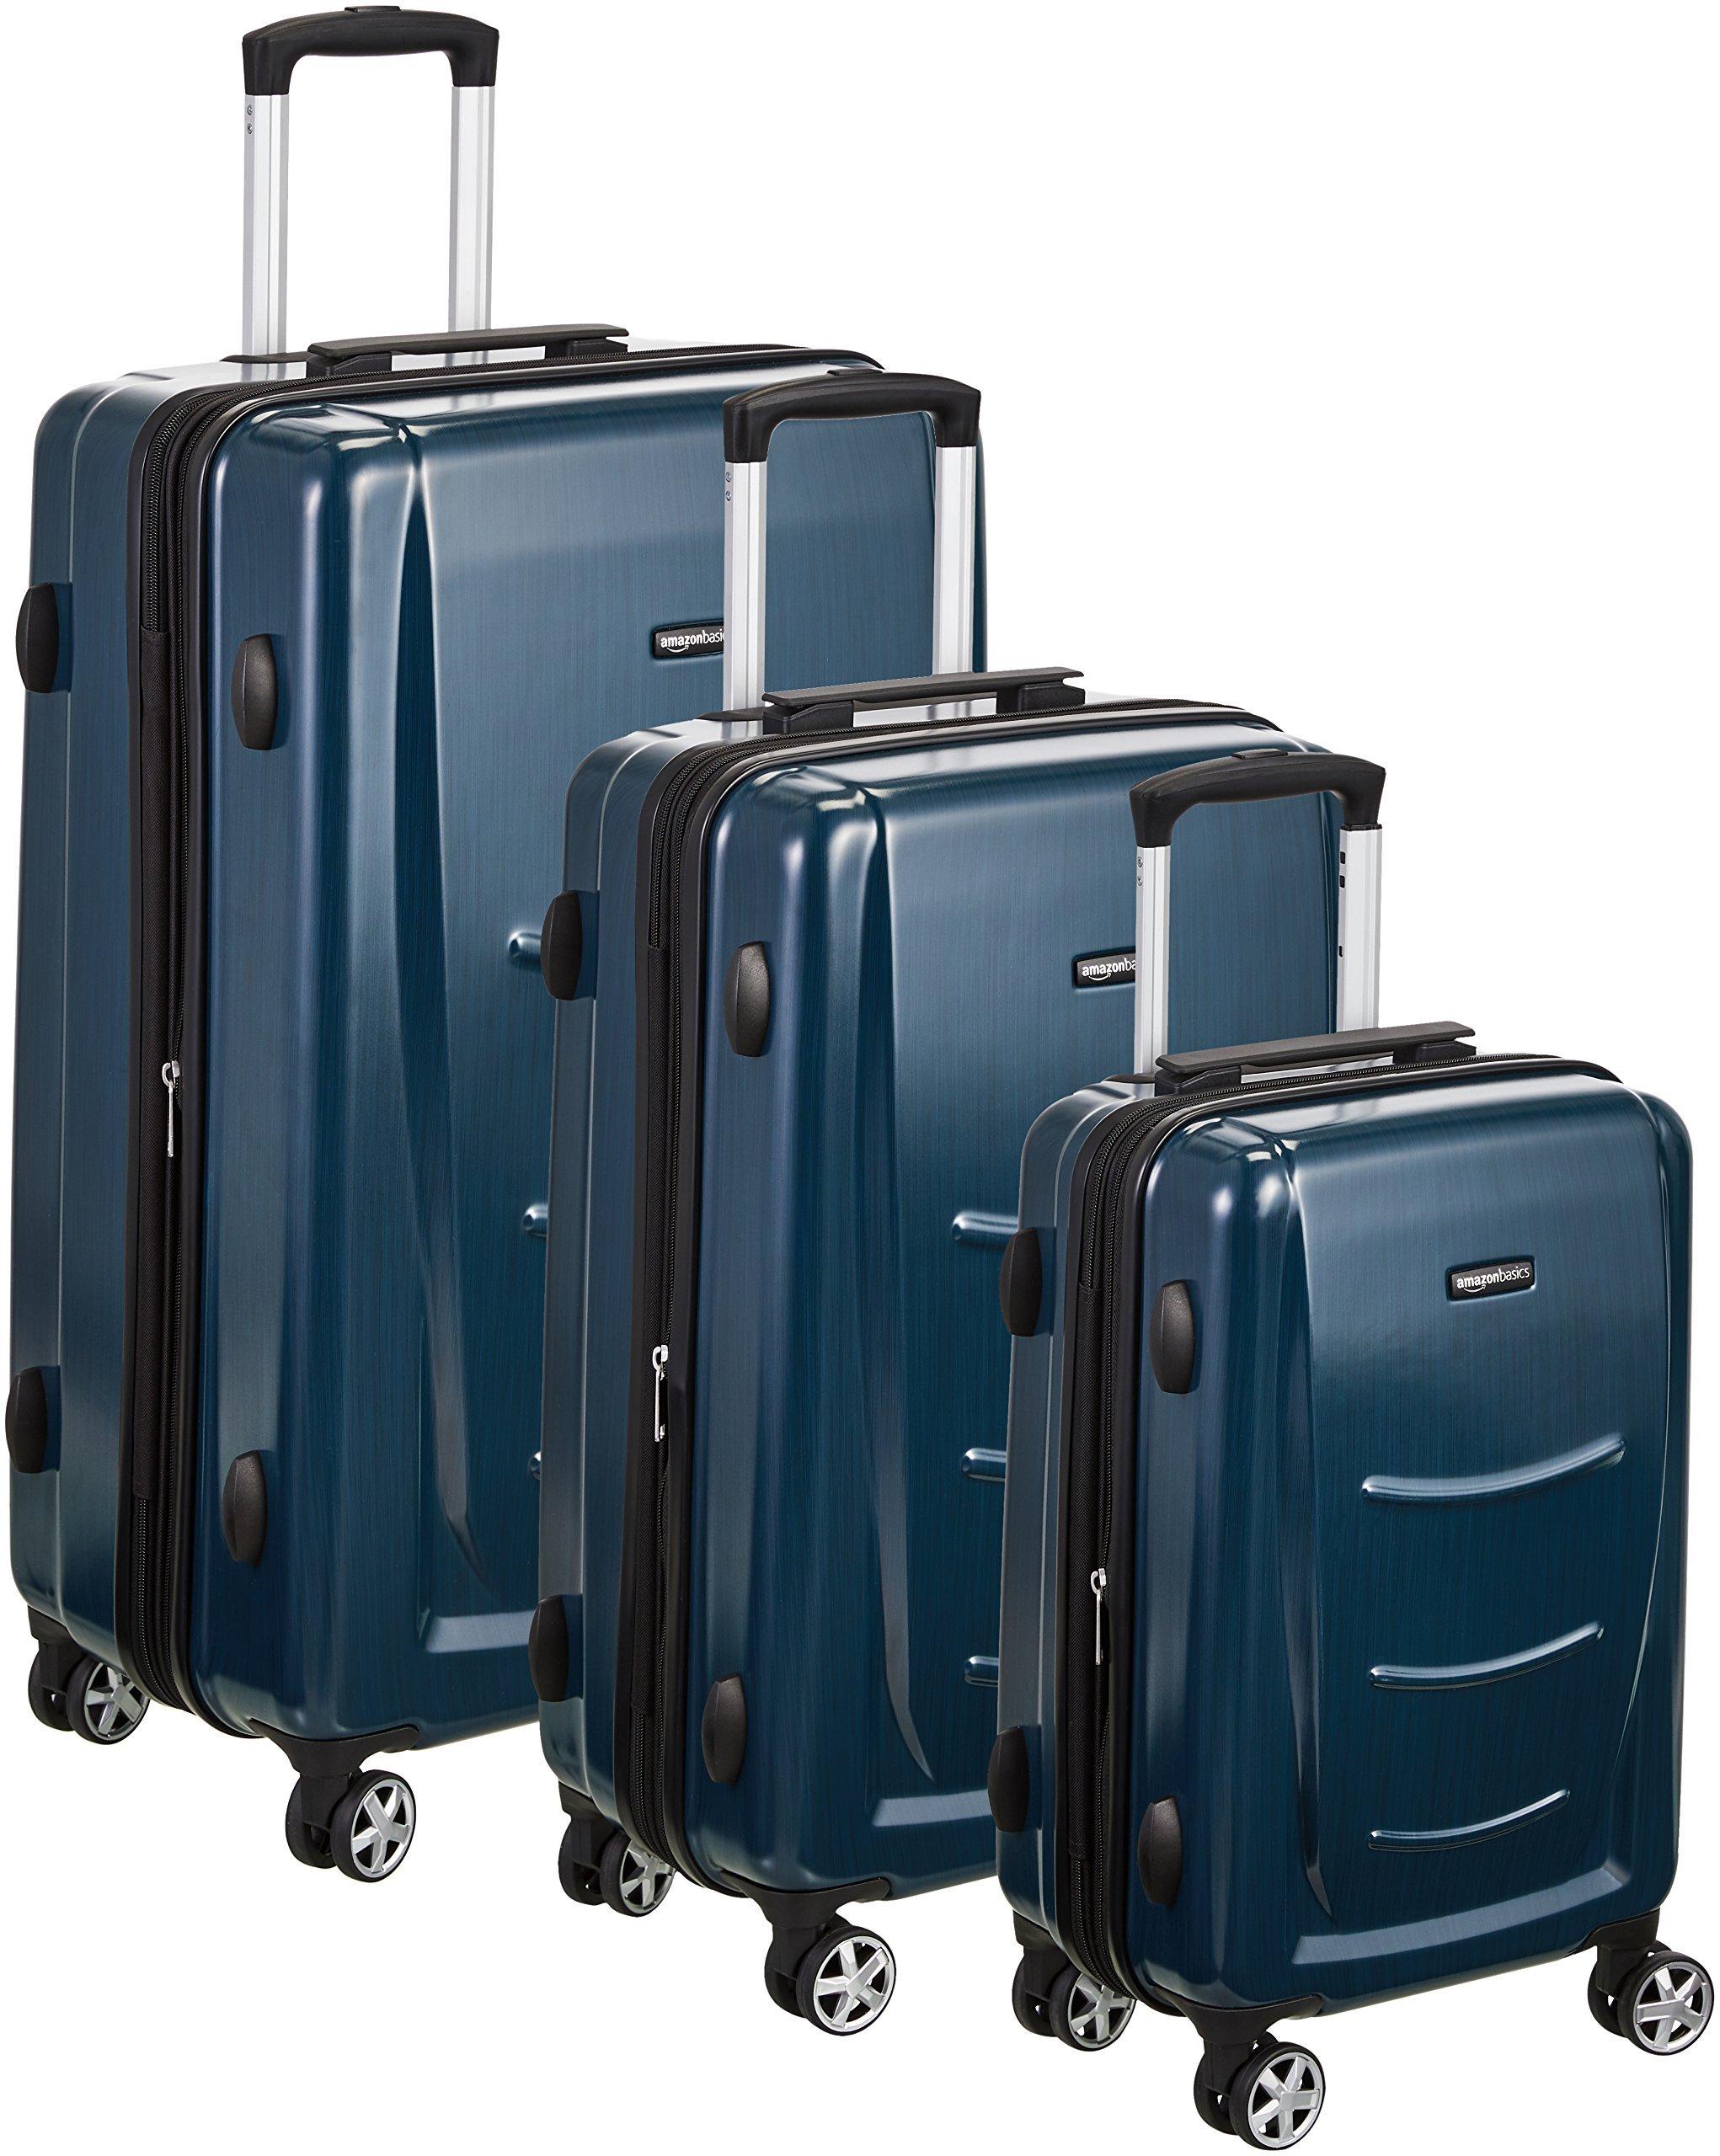 AmazonBasics Hardshell Spinner Luggage - 3-Piece Set (20'', 24'', 28''), Navy Blue